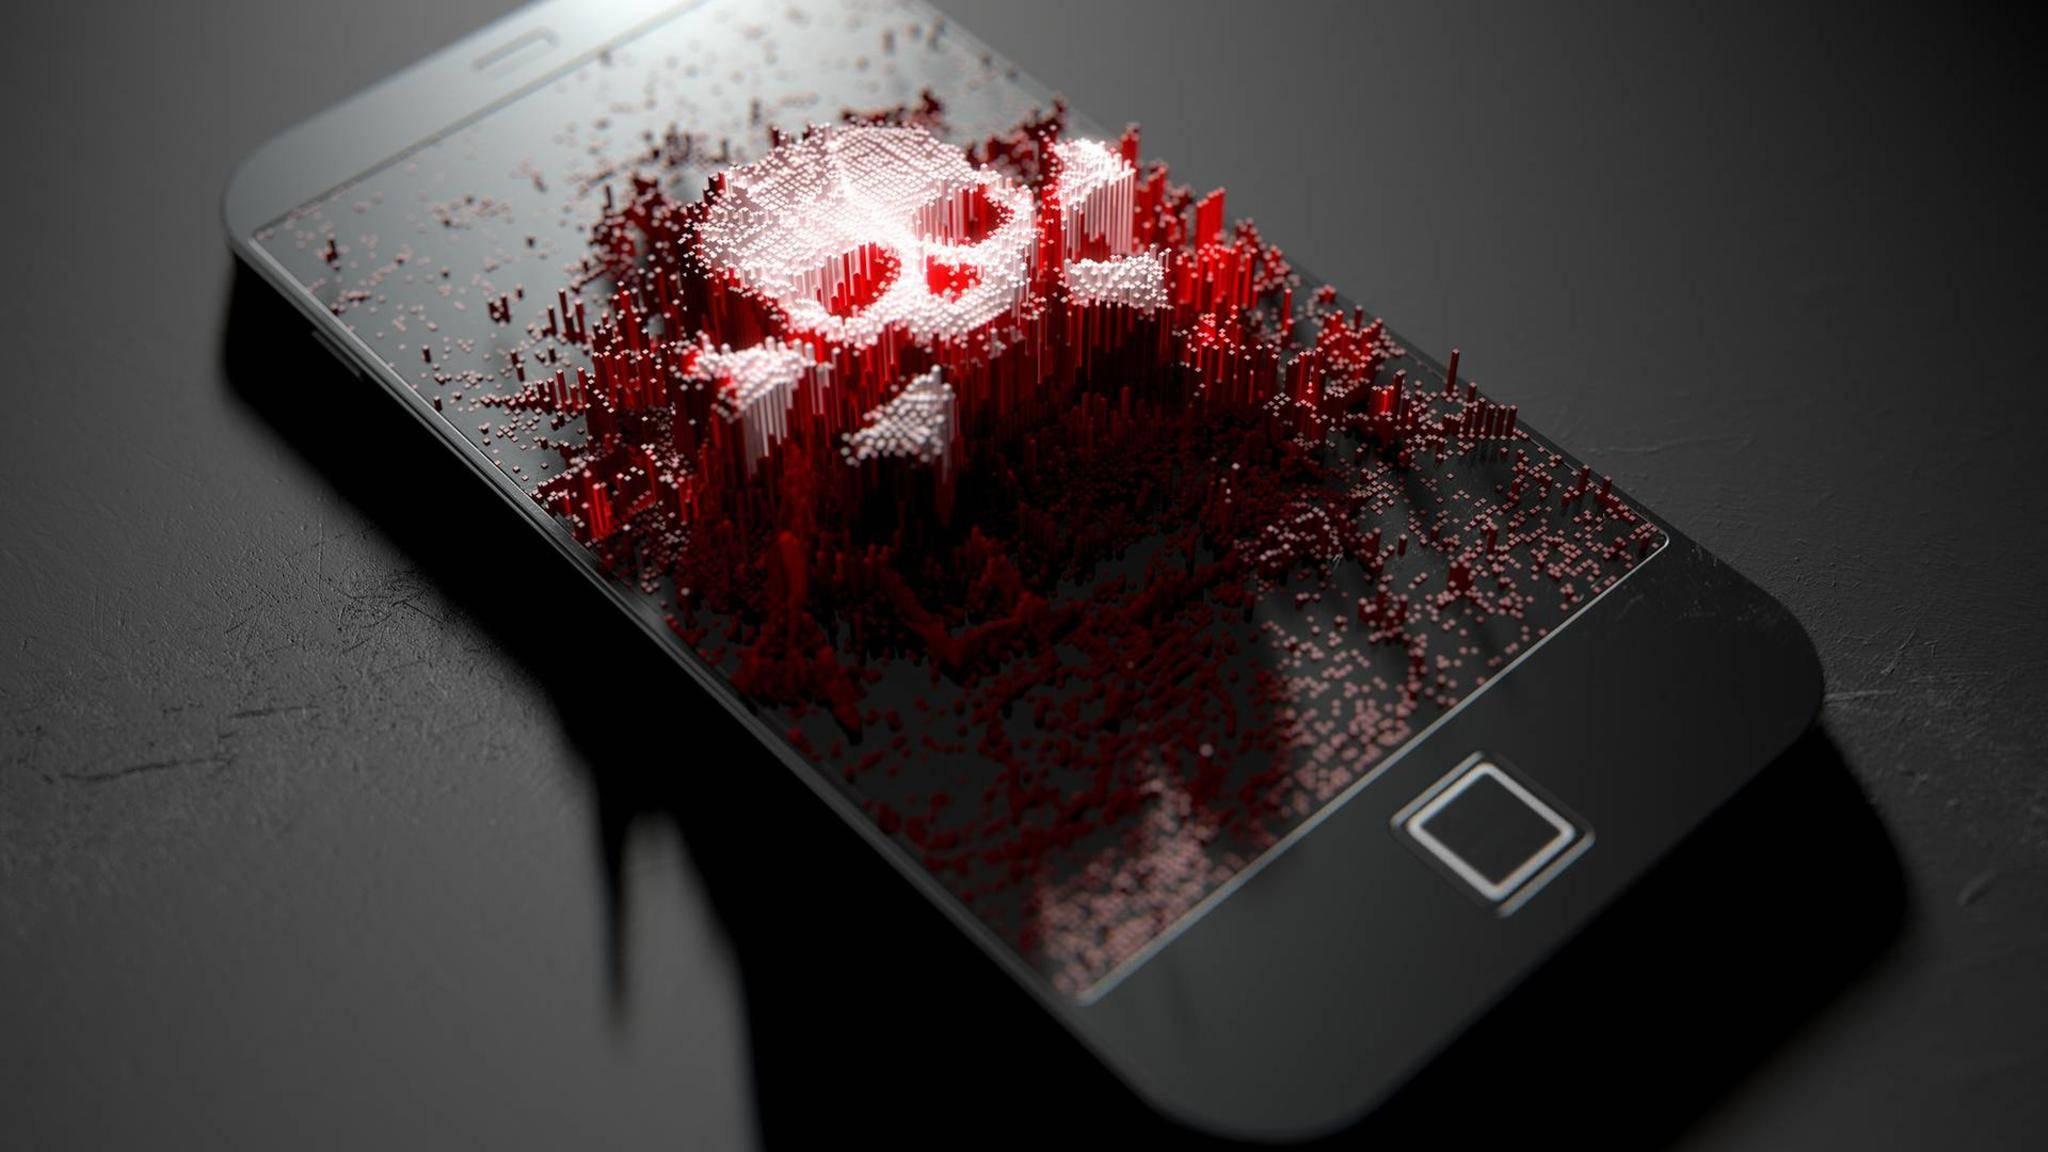 Malware Virus Smartphone